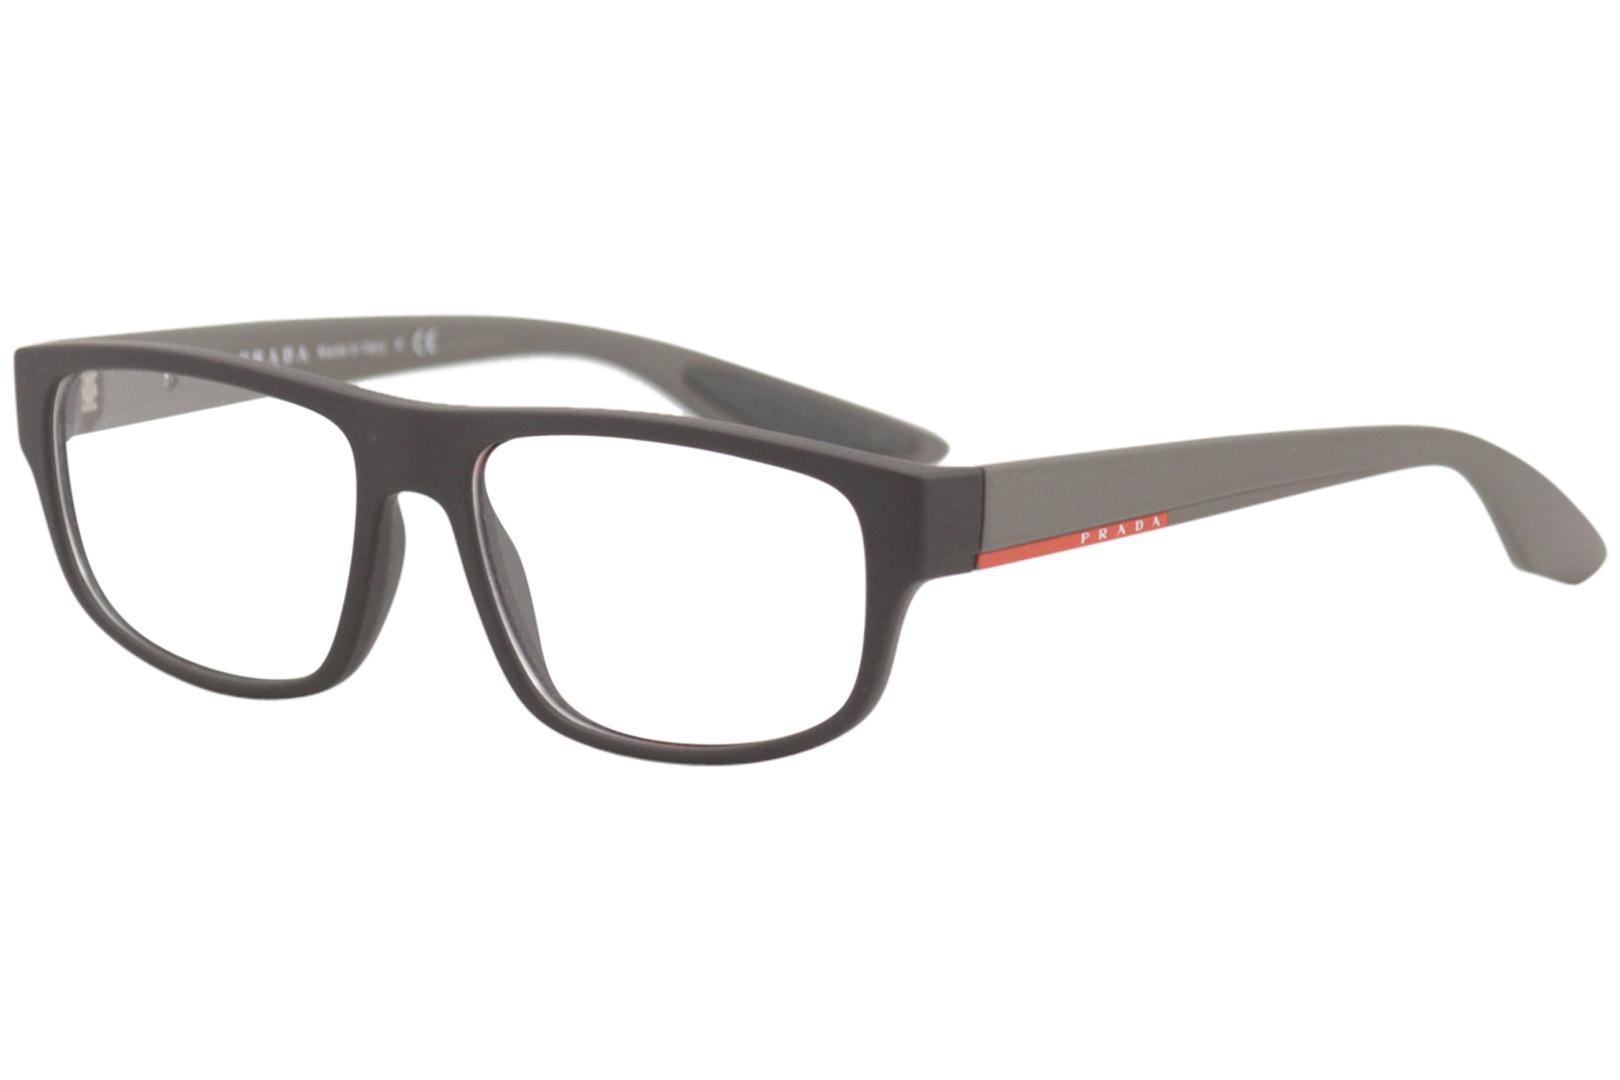 b4714dbaf05c Prada Linea Rossa Men s Eyeglasses VPS03G VPS 03 G Full Rim Optical Frame  by Prada Linea Rossa